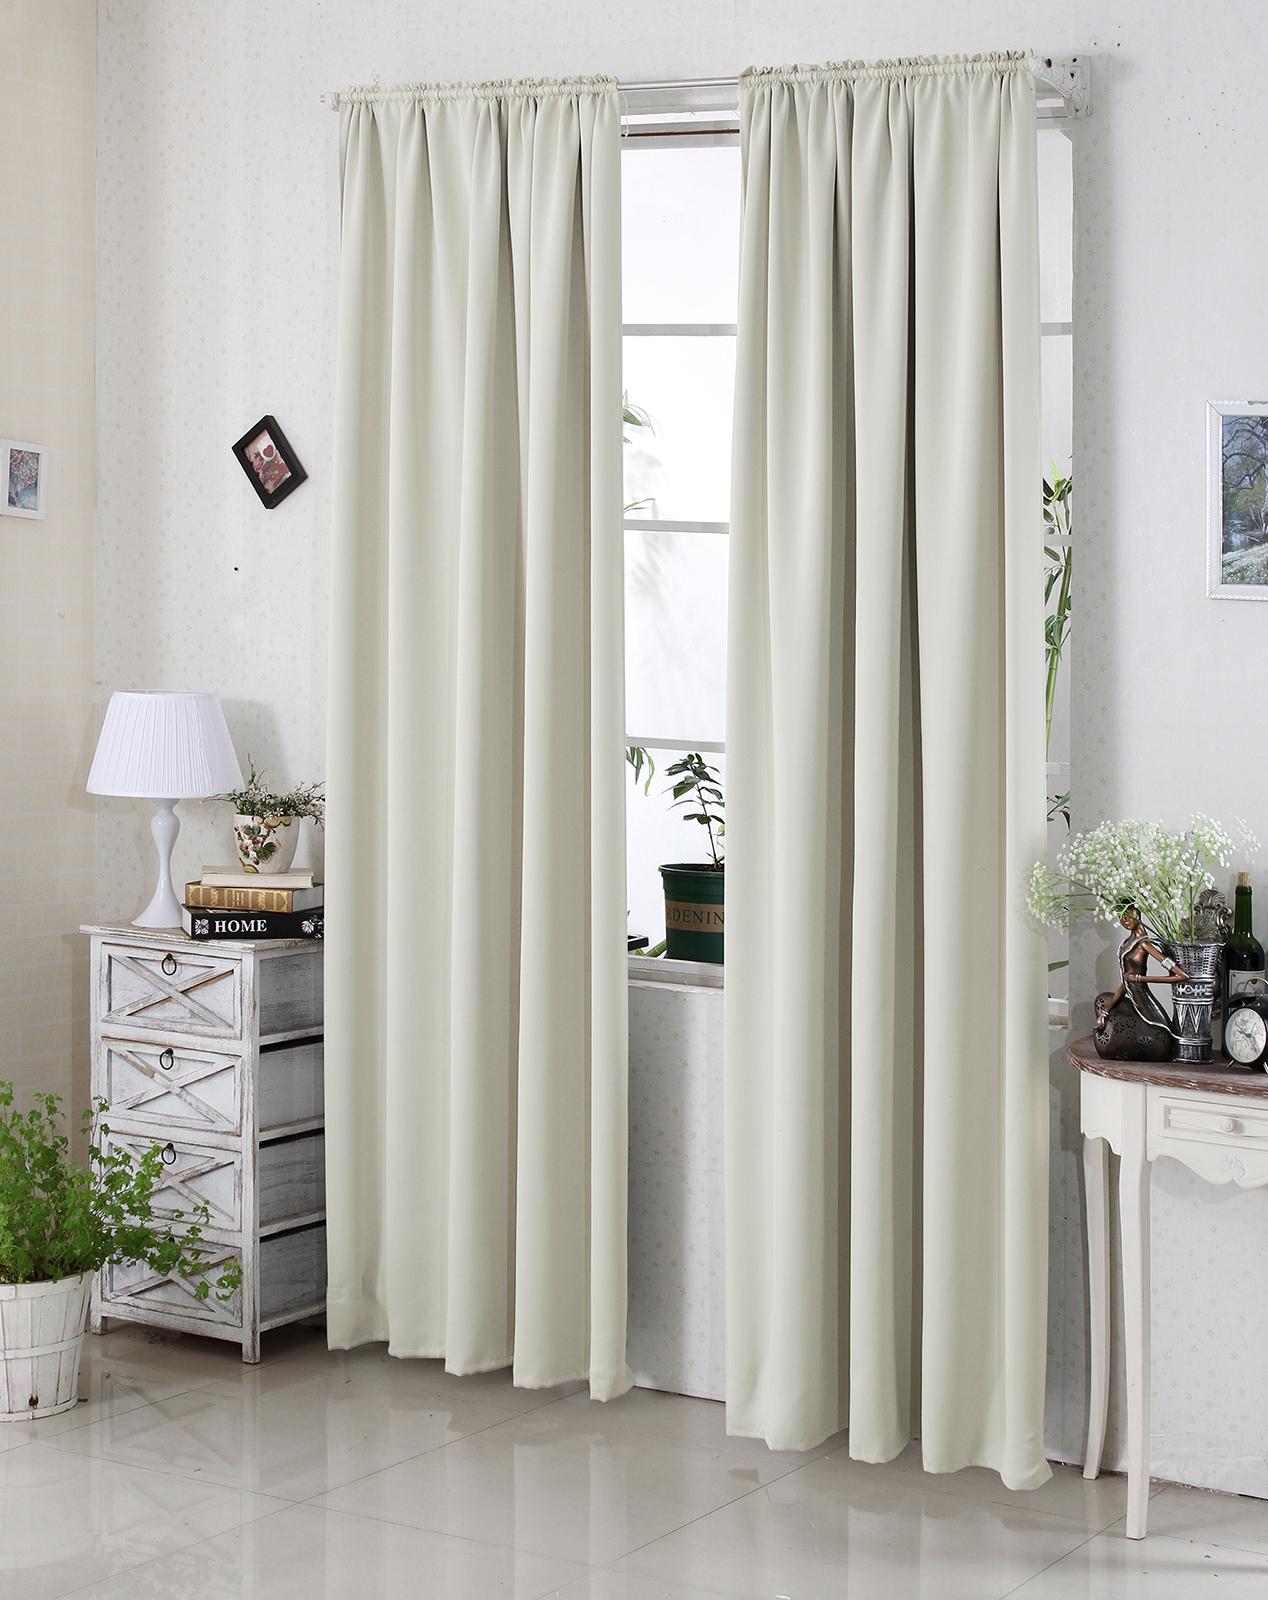 gardine blickdicht 2er thermo vorhang kr uselband 135x245cm beige vh5880be 2 ebay. Black Bedroom Furniture Sets. Home Design Ideas